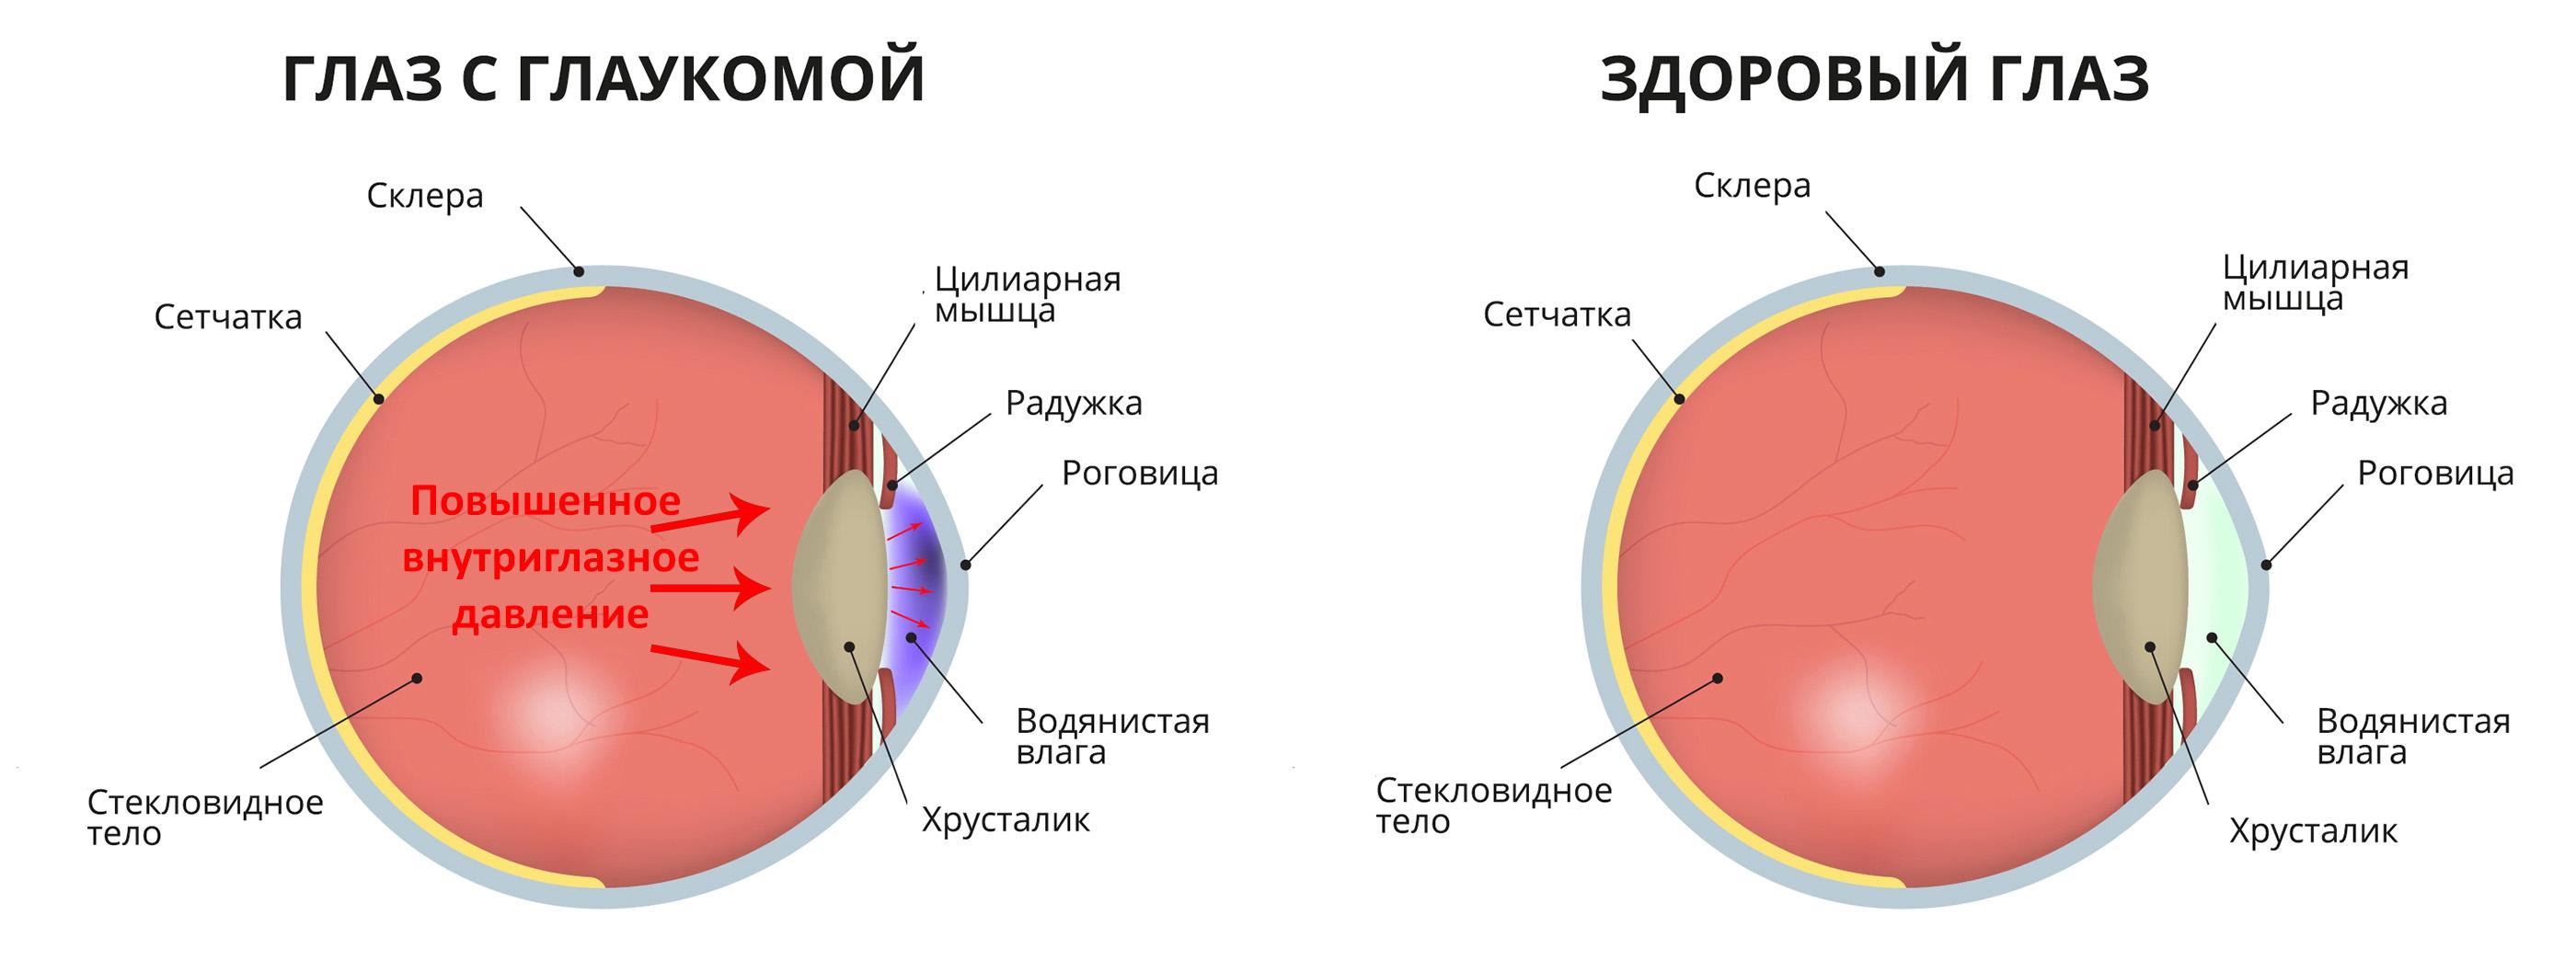 Глаз с глаукомой - схема